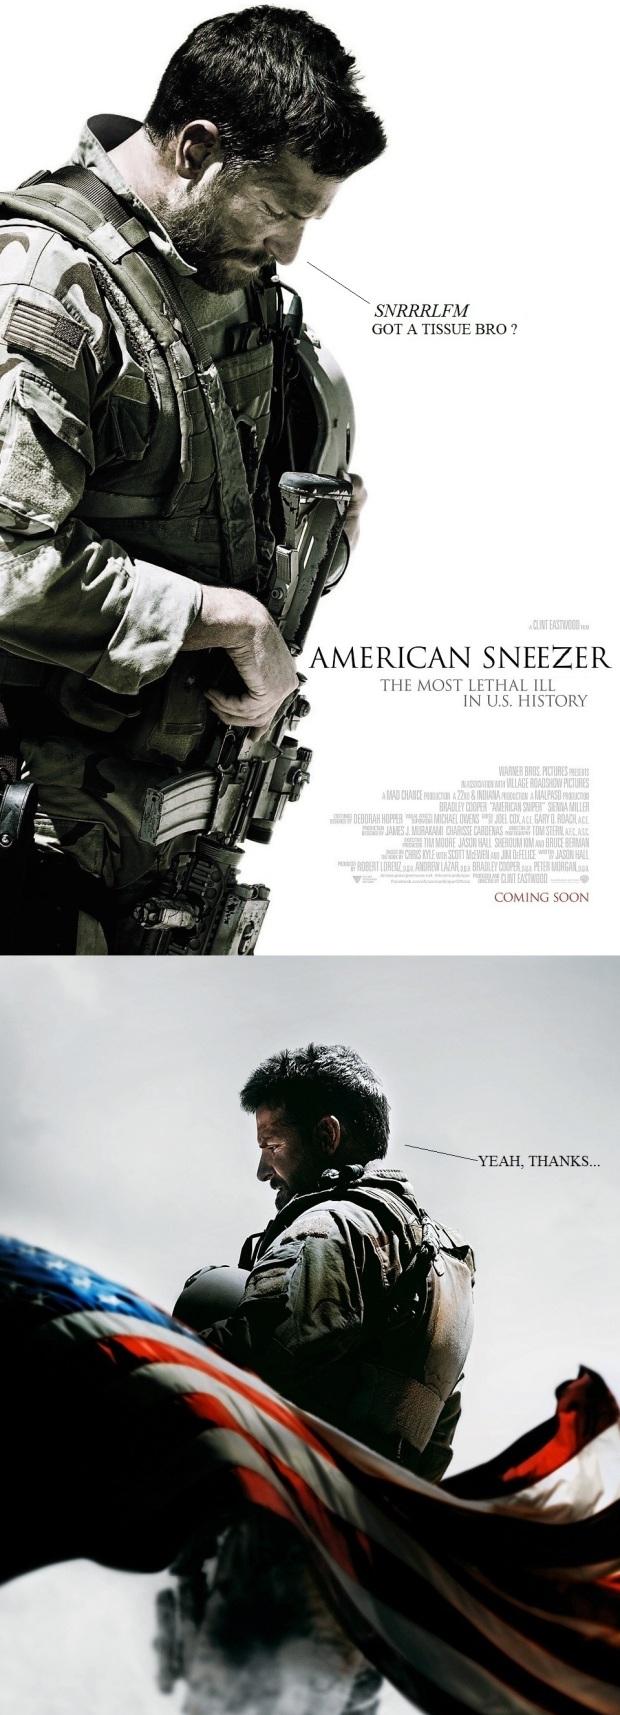 american-sneezer_gazette-atomique